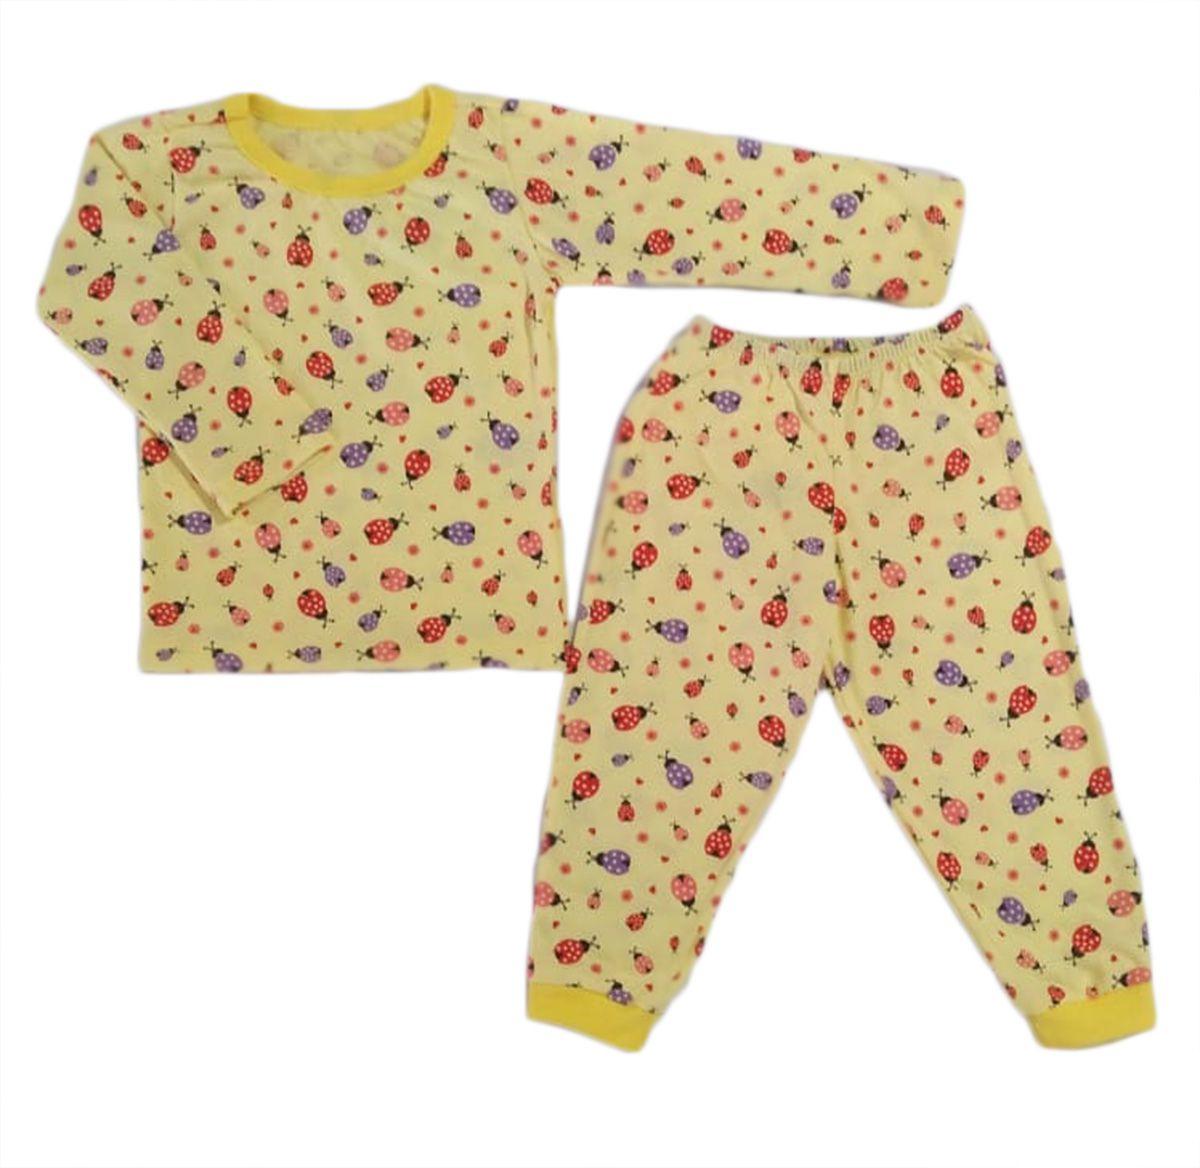 Pijama infantil manga longa de algodão estampa joaninha